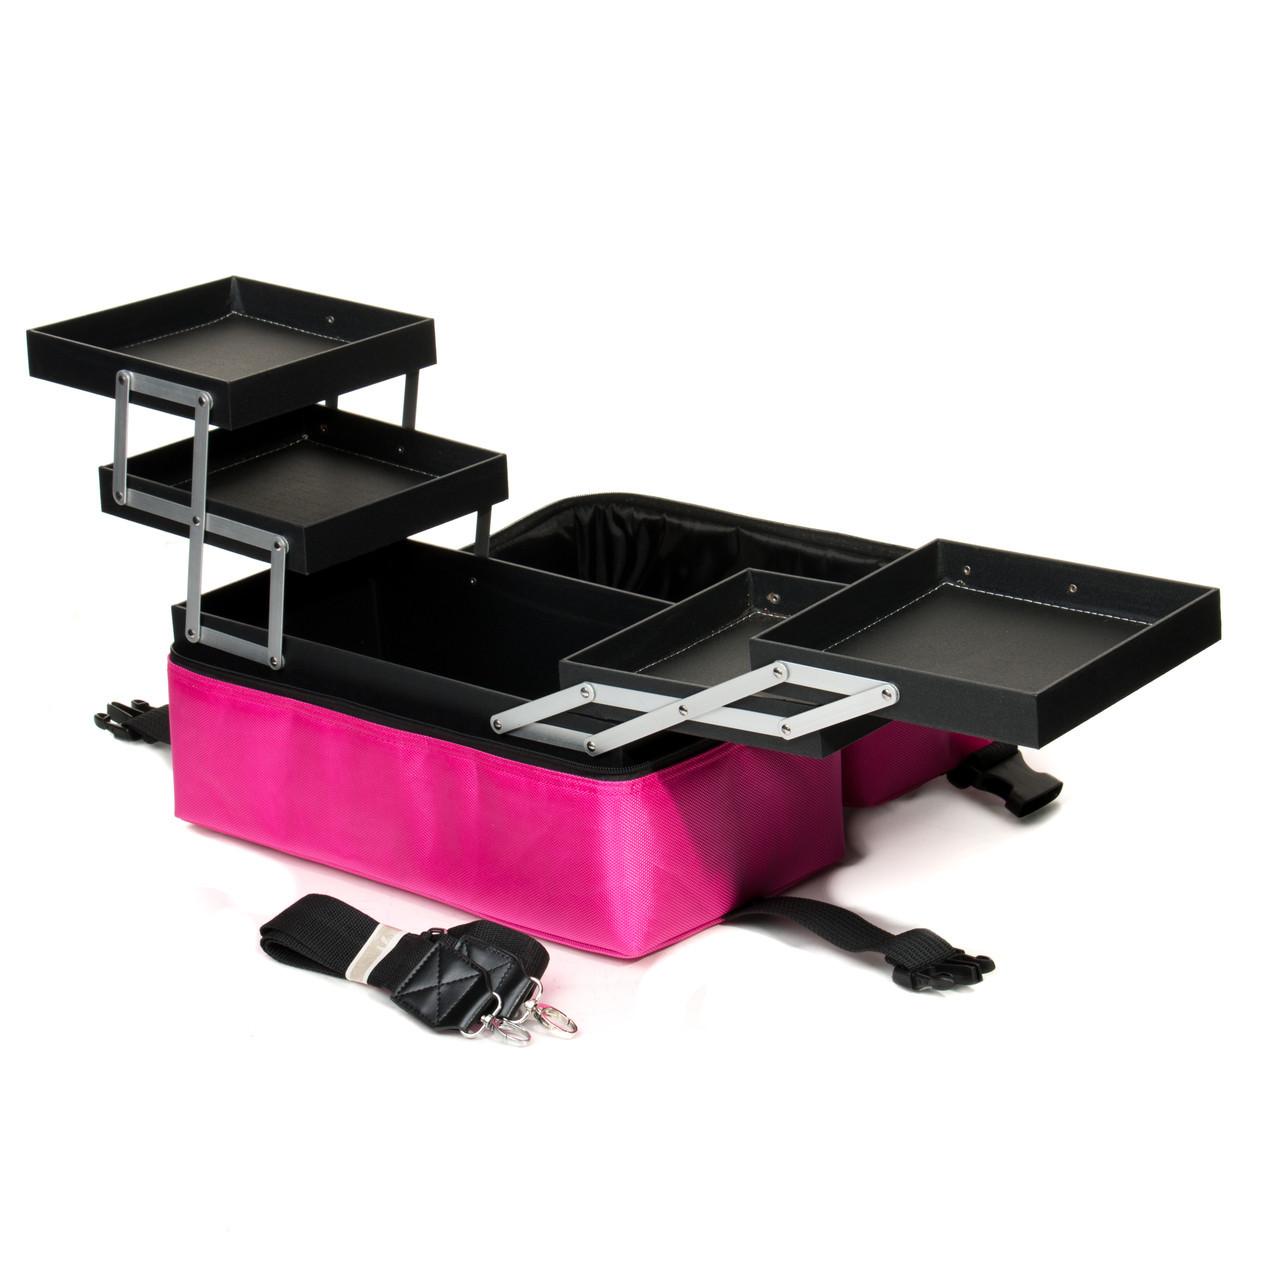 Профессиональный кейс для косметики с вынимающимся органайзером, Pink тканевый